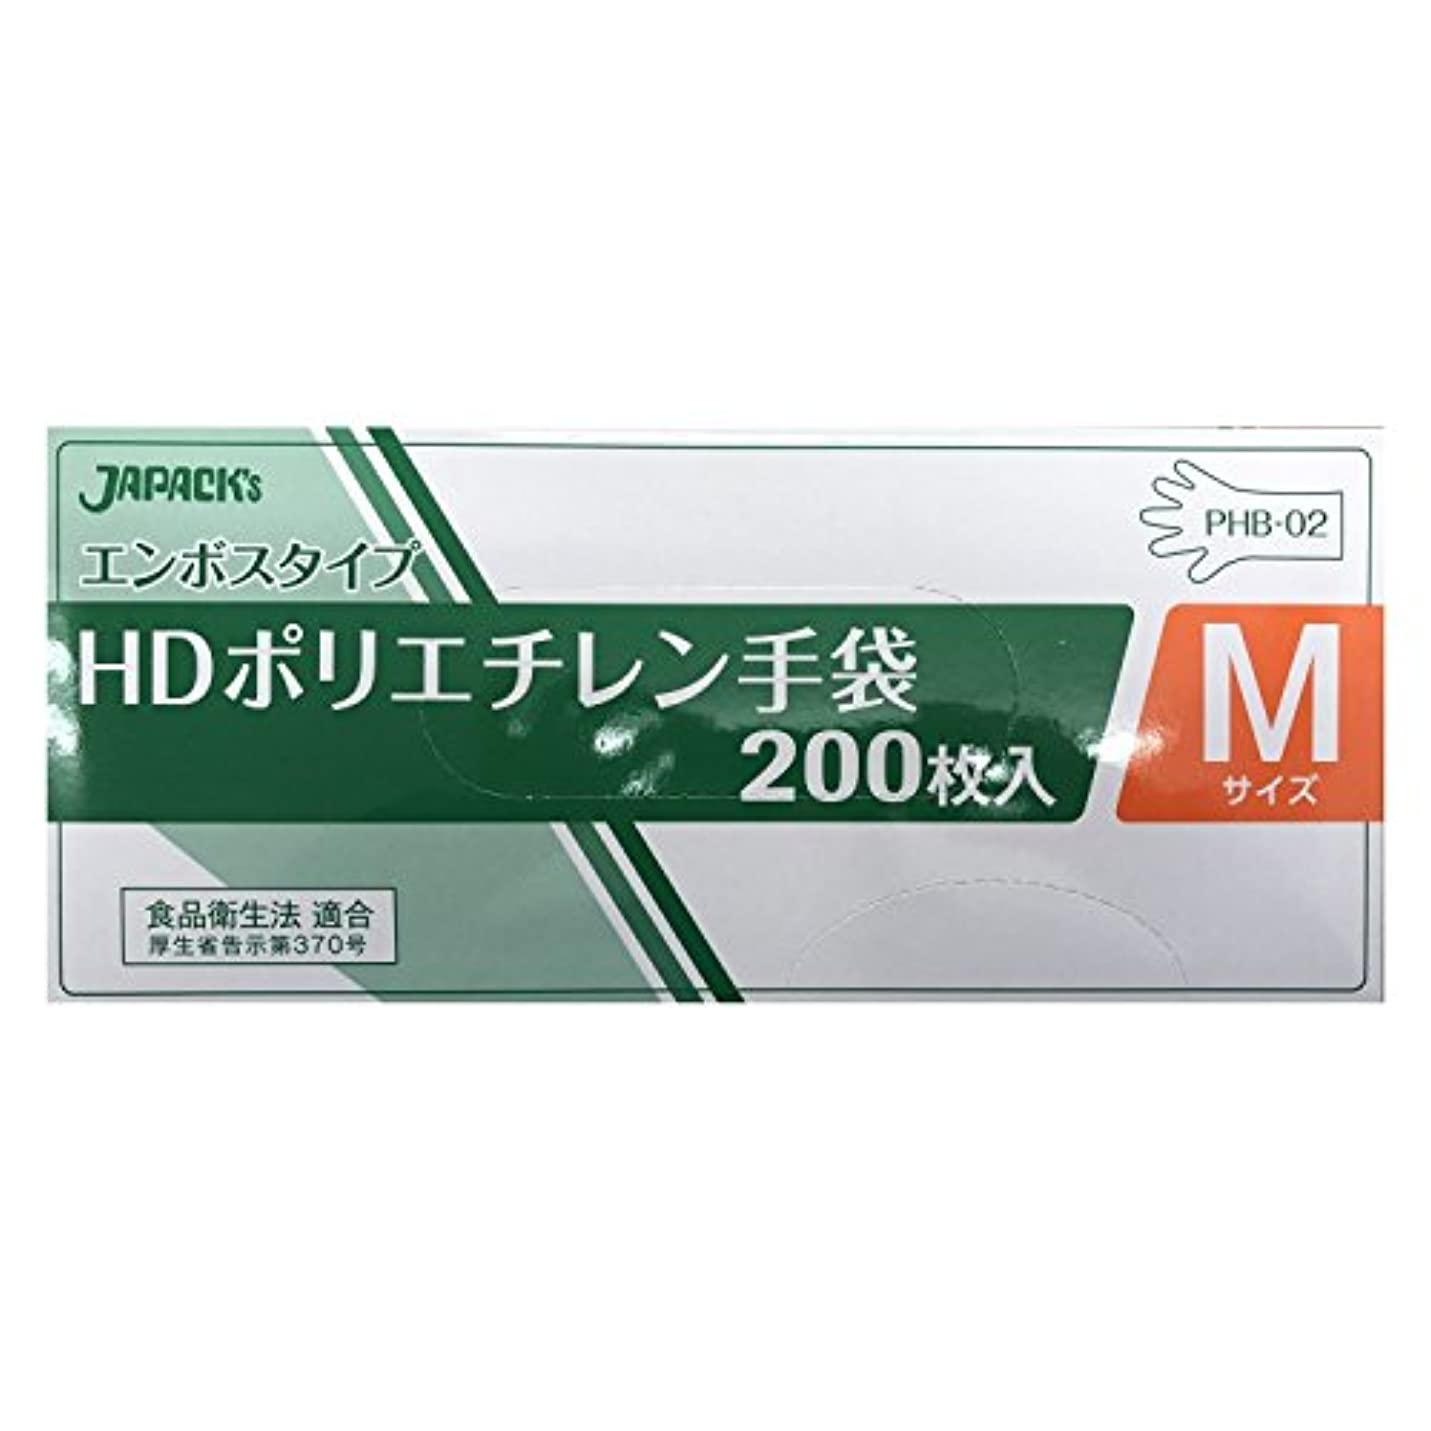 カニ研究所確保するエンボスタイプ HDポリエチレン手袋 Mサイズ BOX 200枚入 無着色 PHB-02